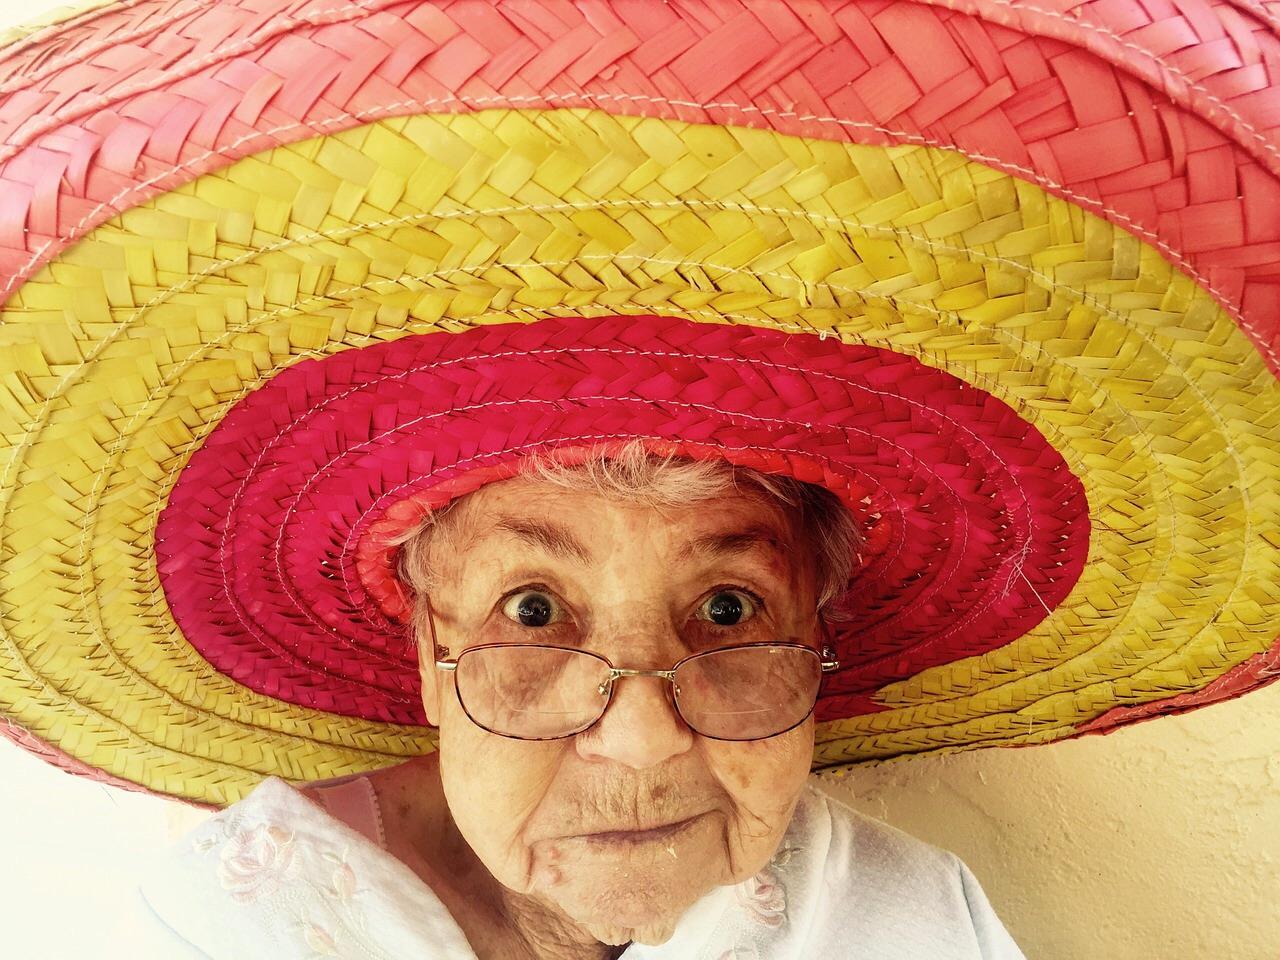 Ein oma enkelkind bevorzugt fredmalmalig: Oma